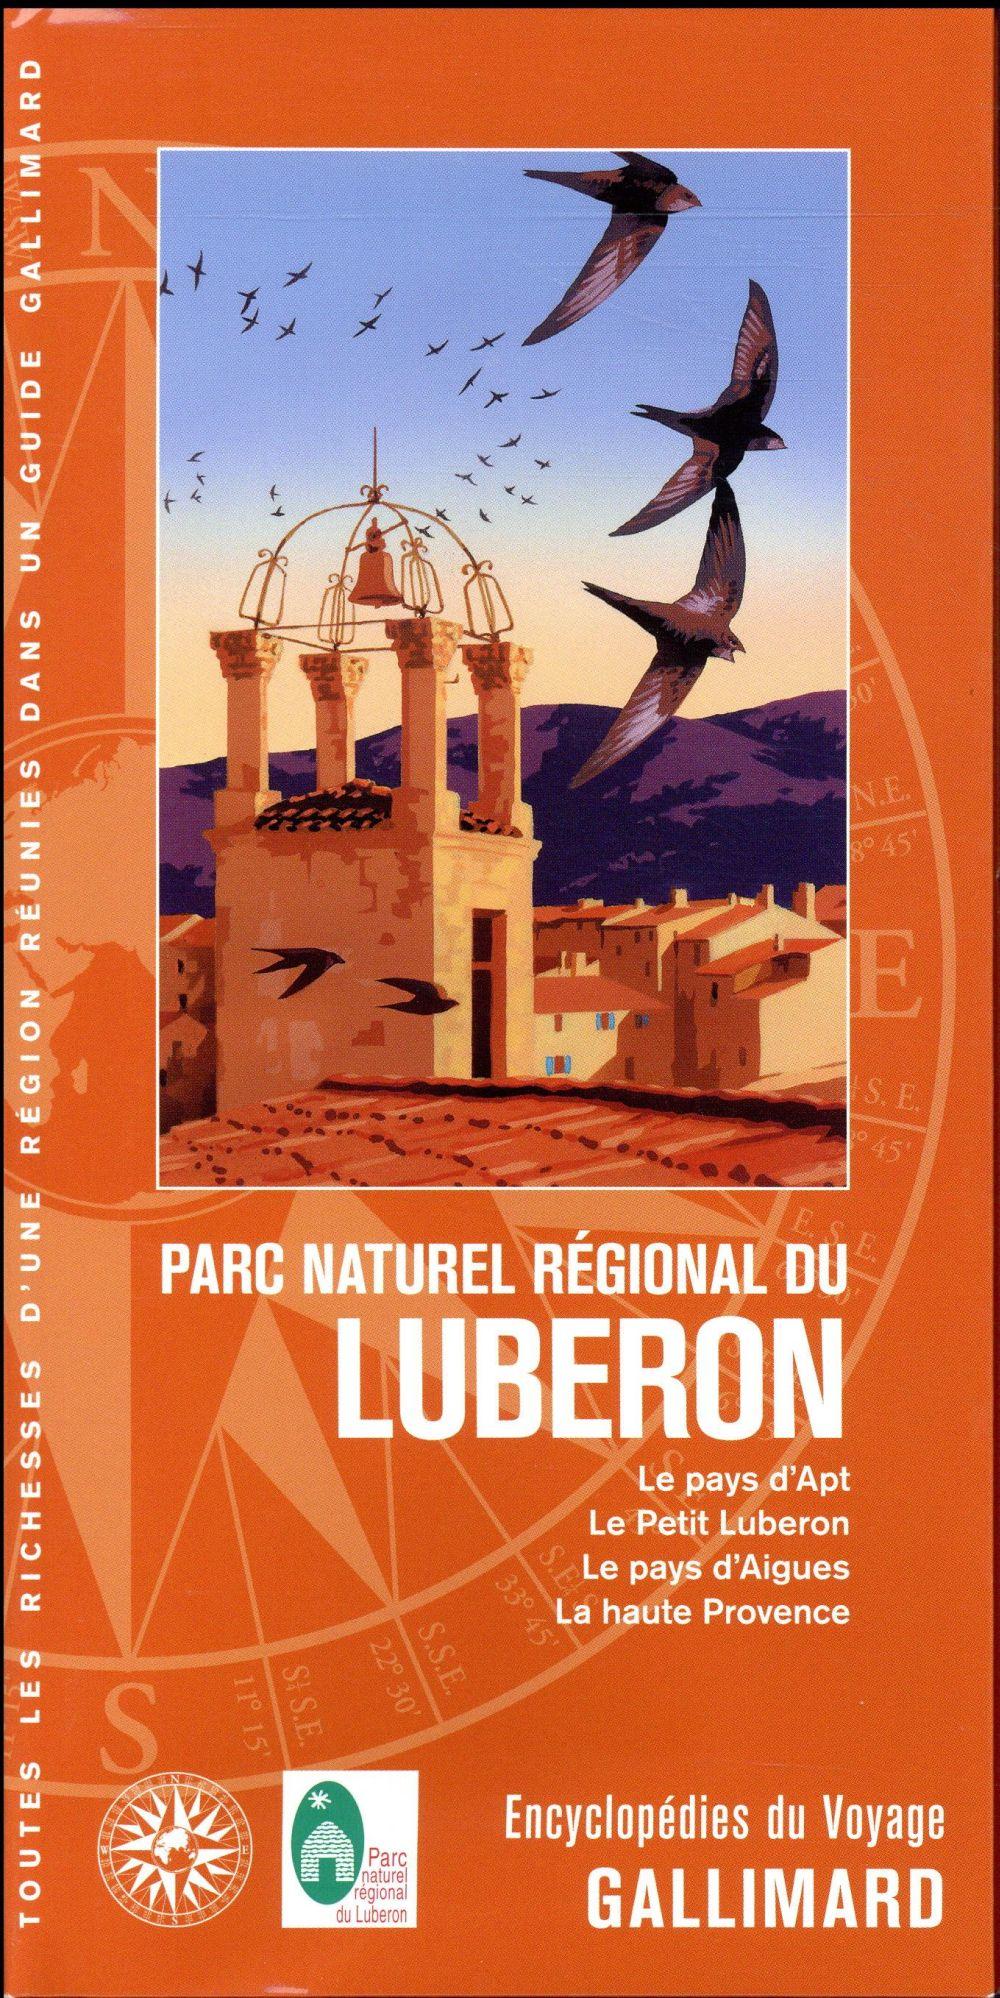 PARC NATUREL REGIONAL DU LUBERON - LE PAYS D'APT, LE PETIT LUBERON, LE PAYS D'AIGUES, LA HAUTE PROVE